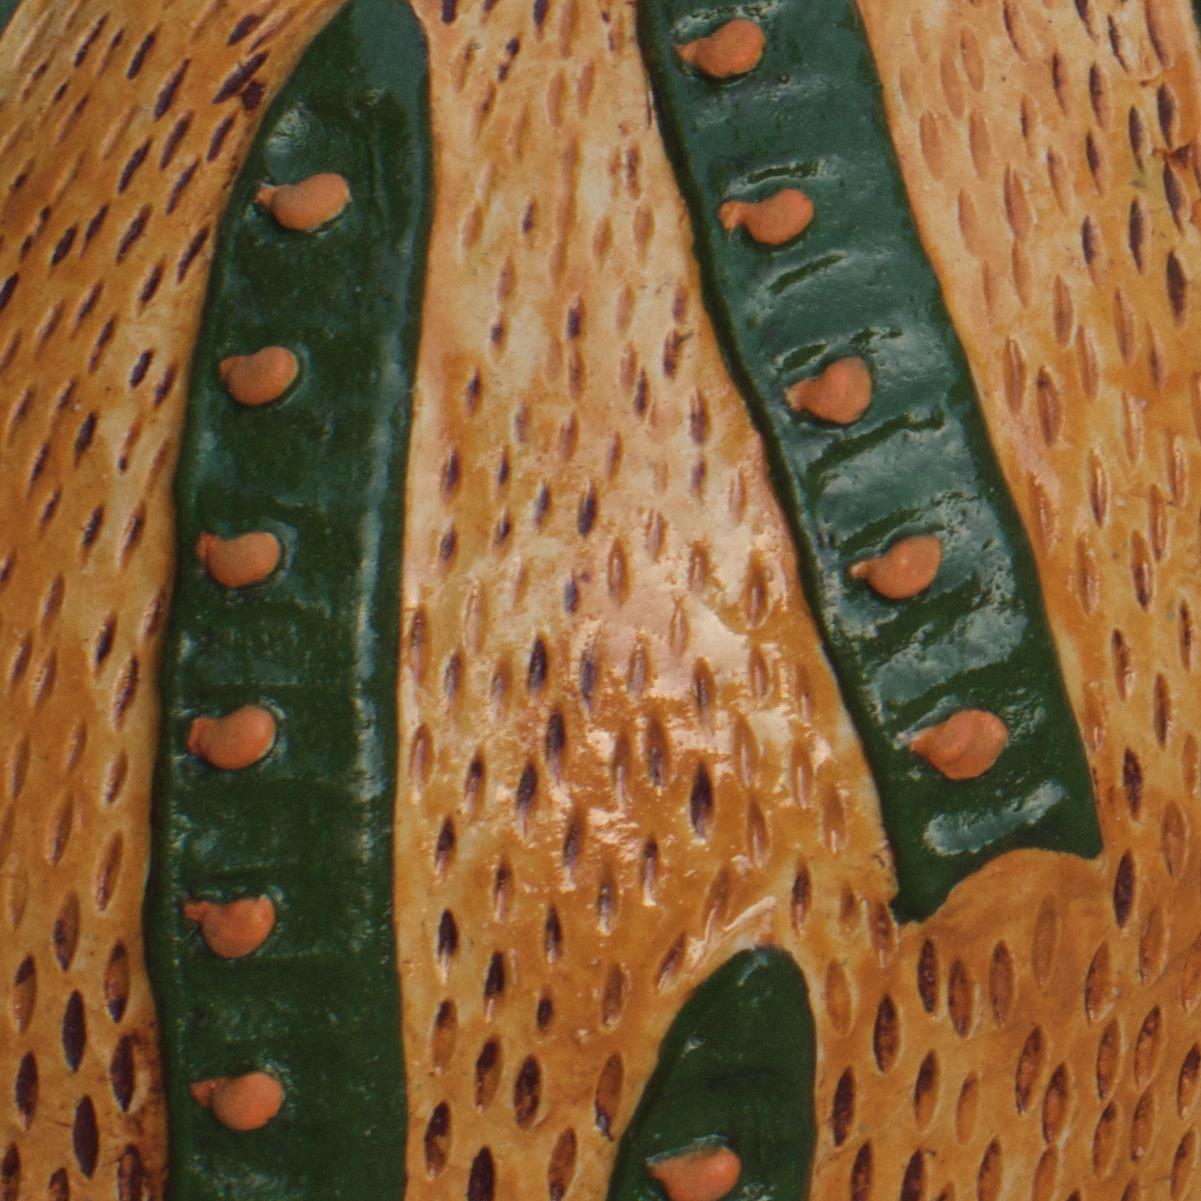 Yasai (detail) 2009